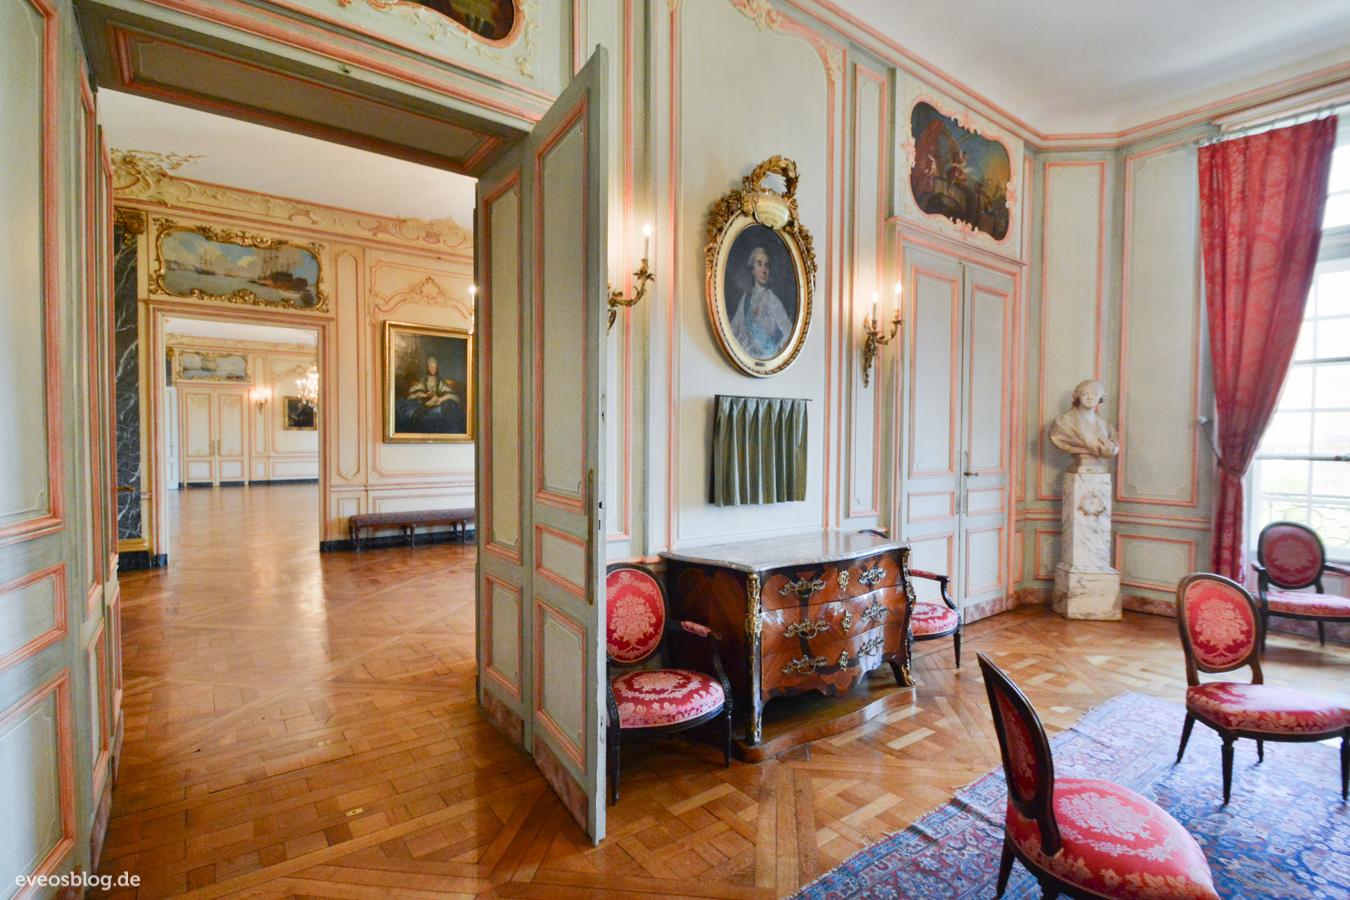 Bordeaux ein herzstück französischer stadt romantik! reisebericht